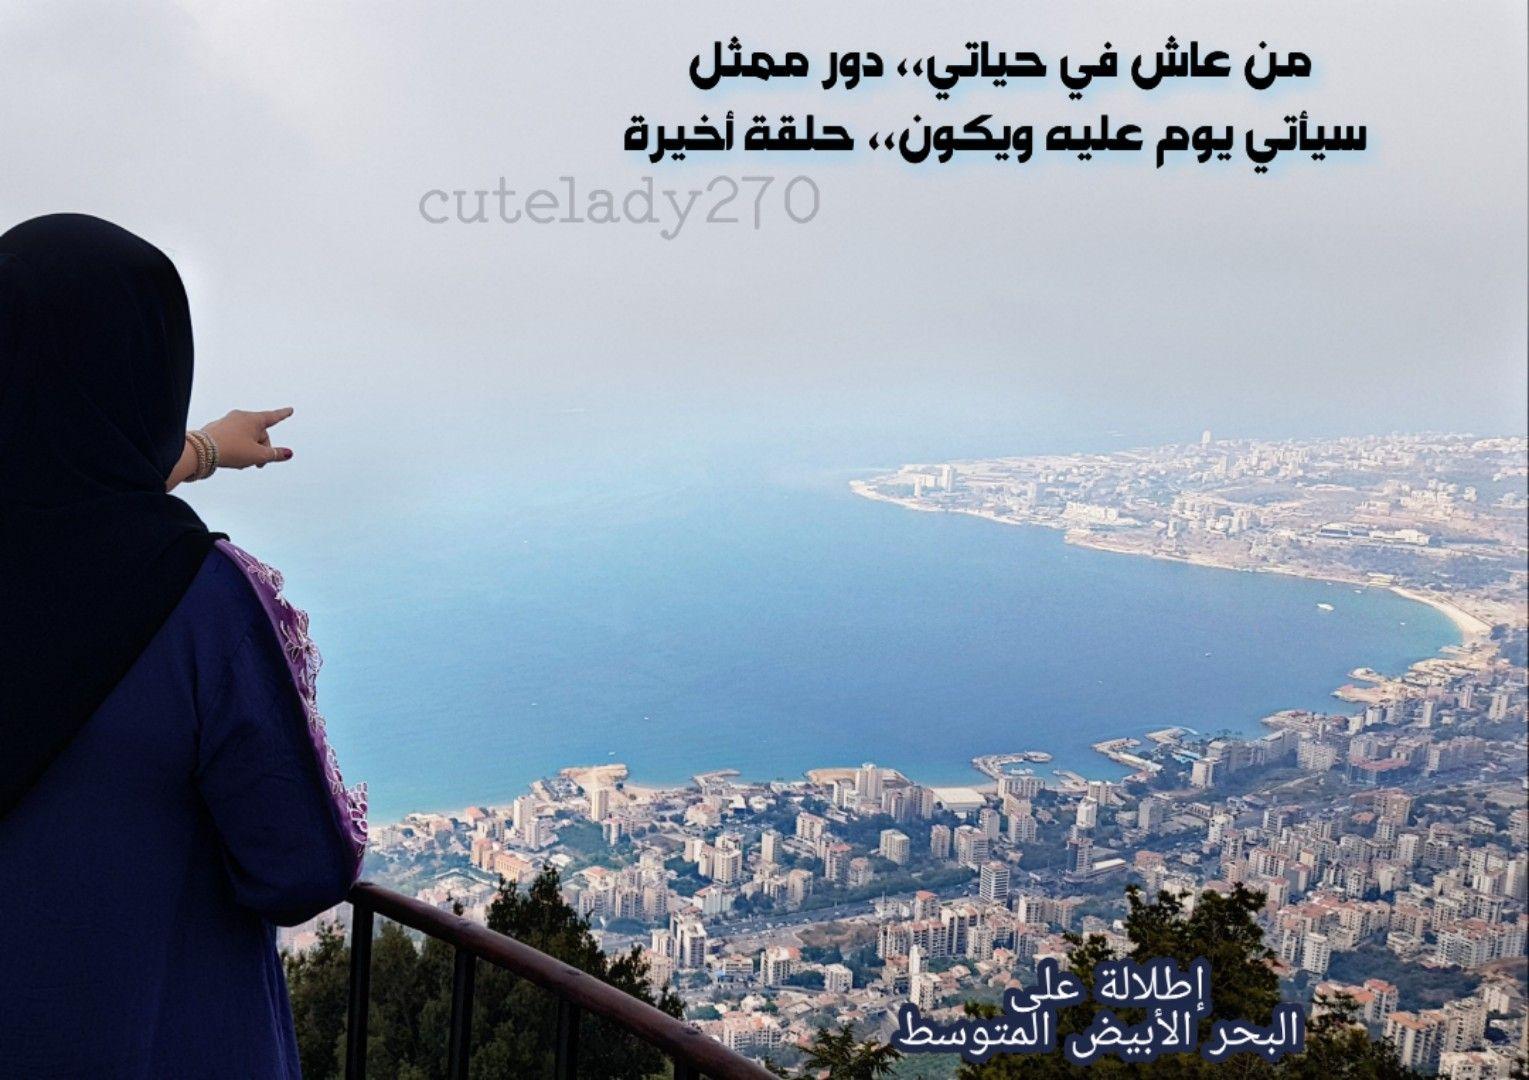 إطلالة على خليج جونيه في لبنان Natural Landmarks Travel Landmarks